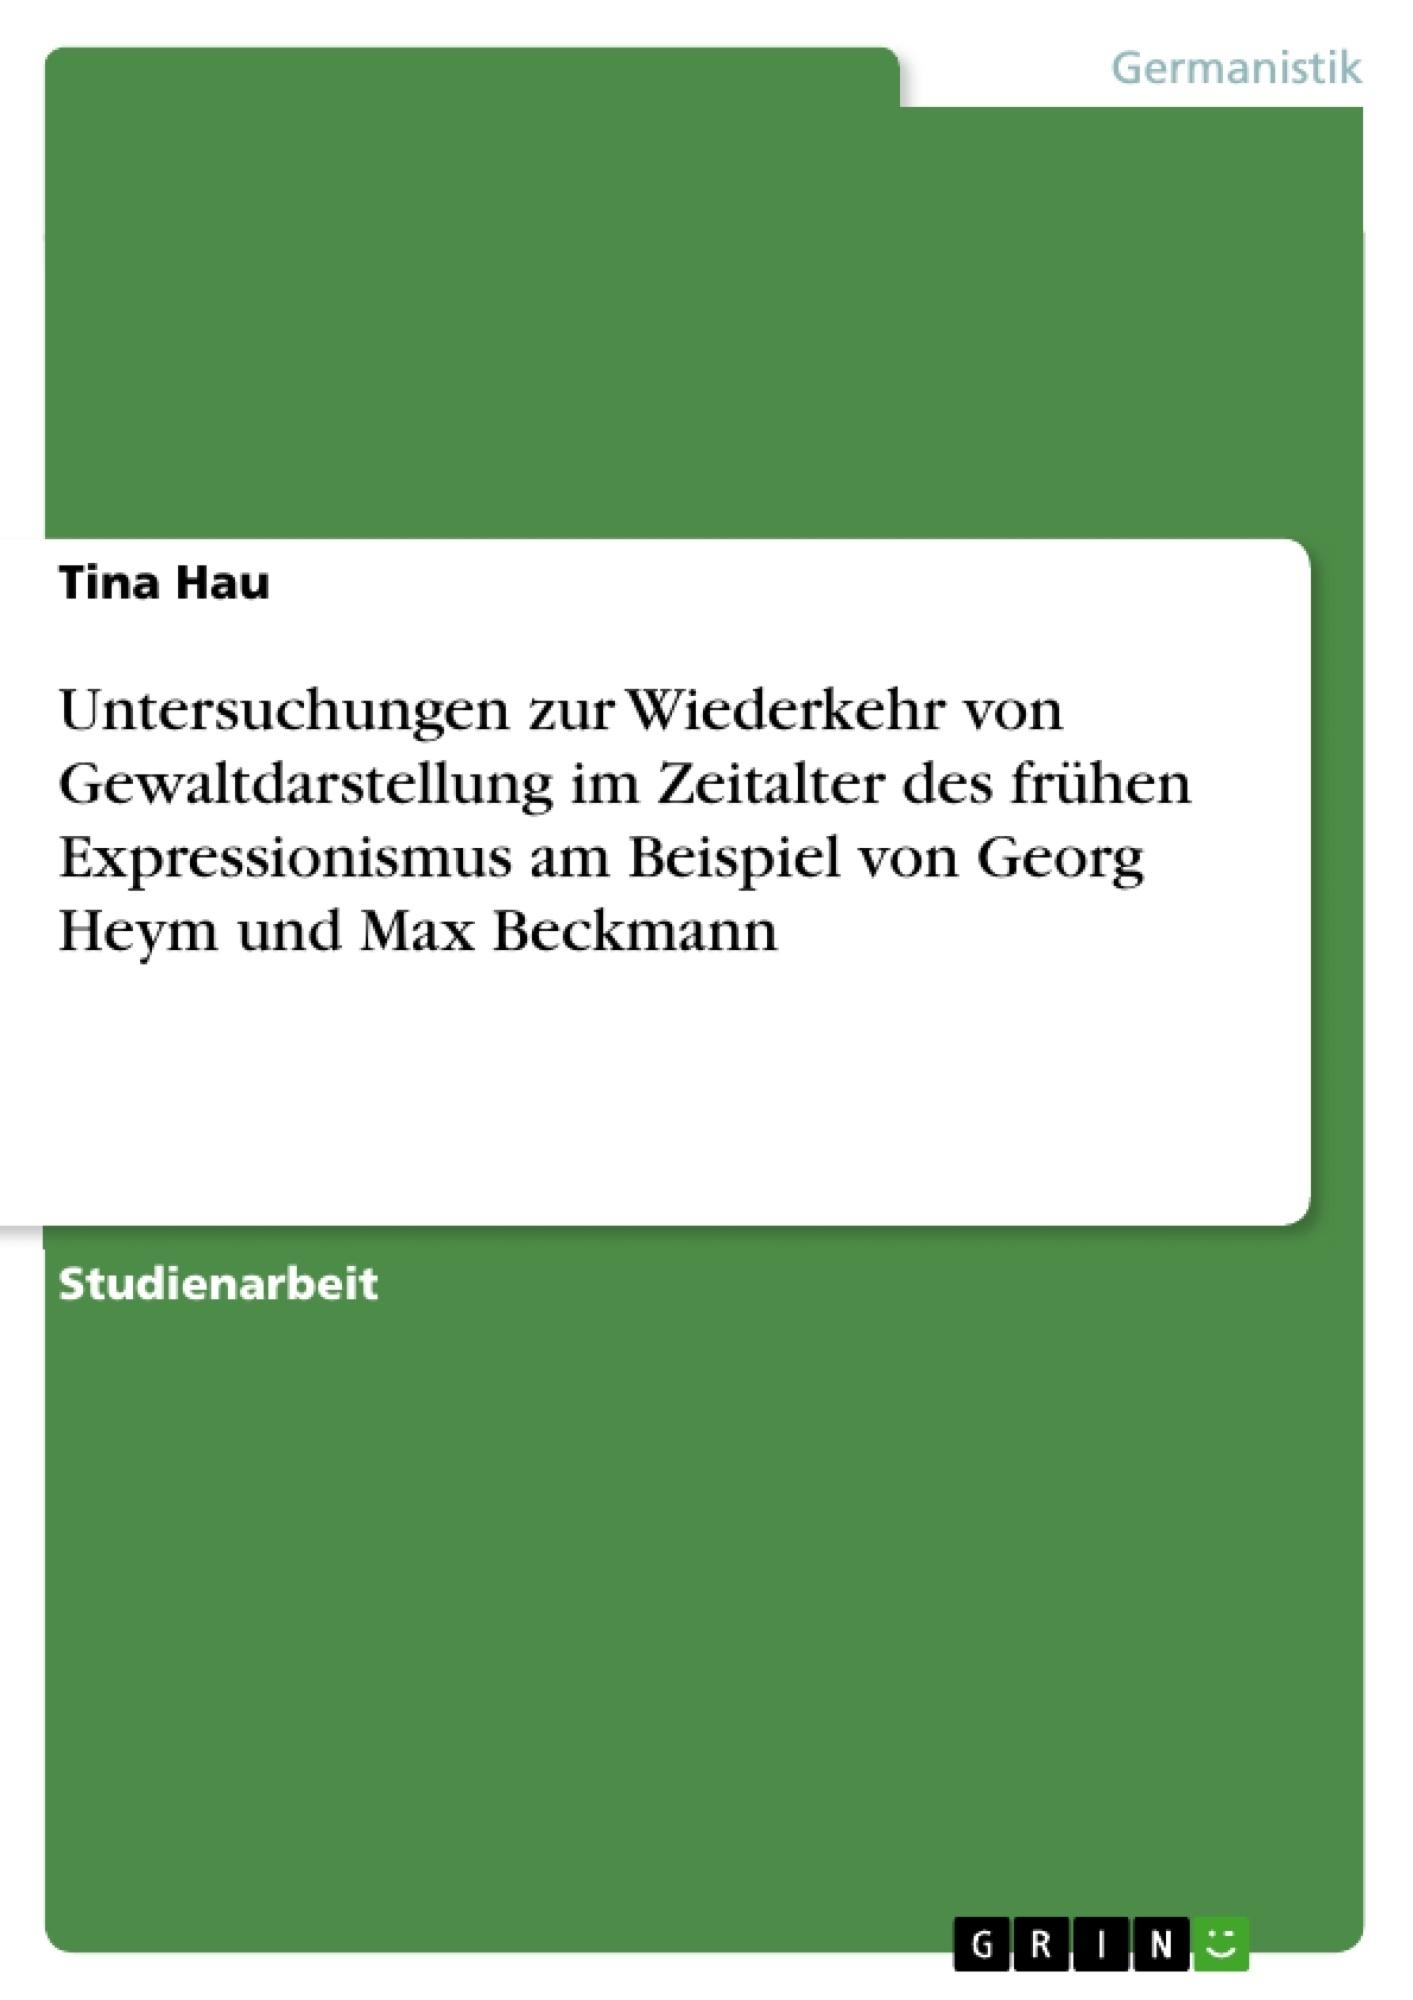 Titel: Untersuchungen zur Wiederkehr von Gewaltdarstellung im Zeitalter des frühen Expressionismus am Beispiel von Georg Heym und Max Beckmann